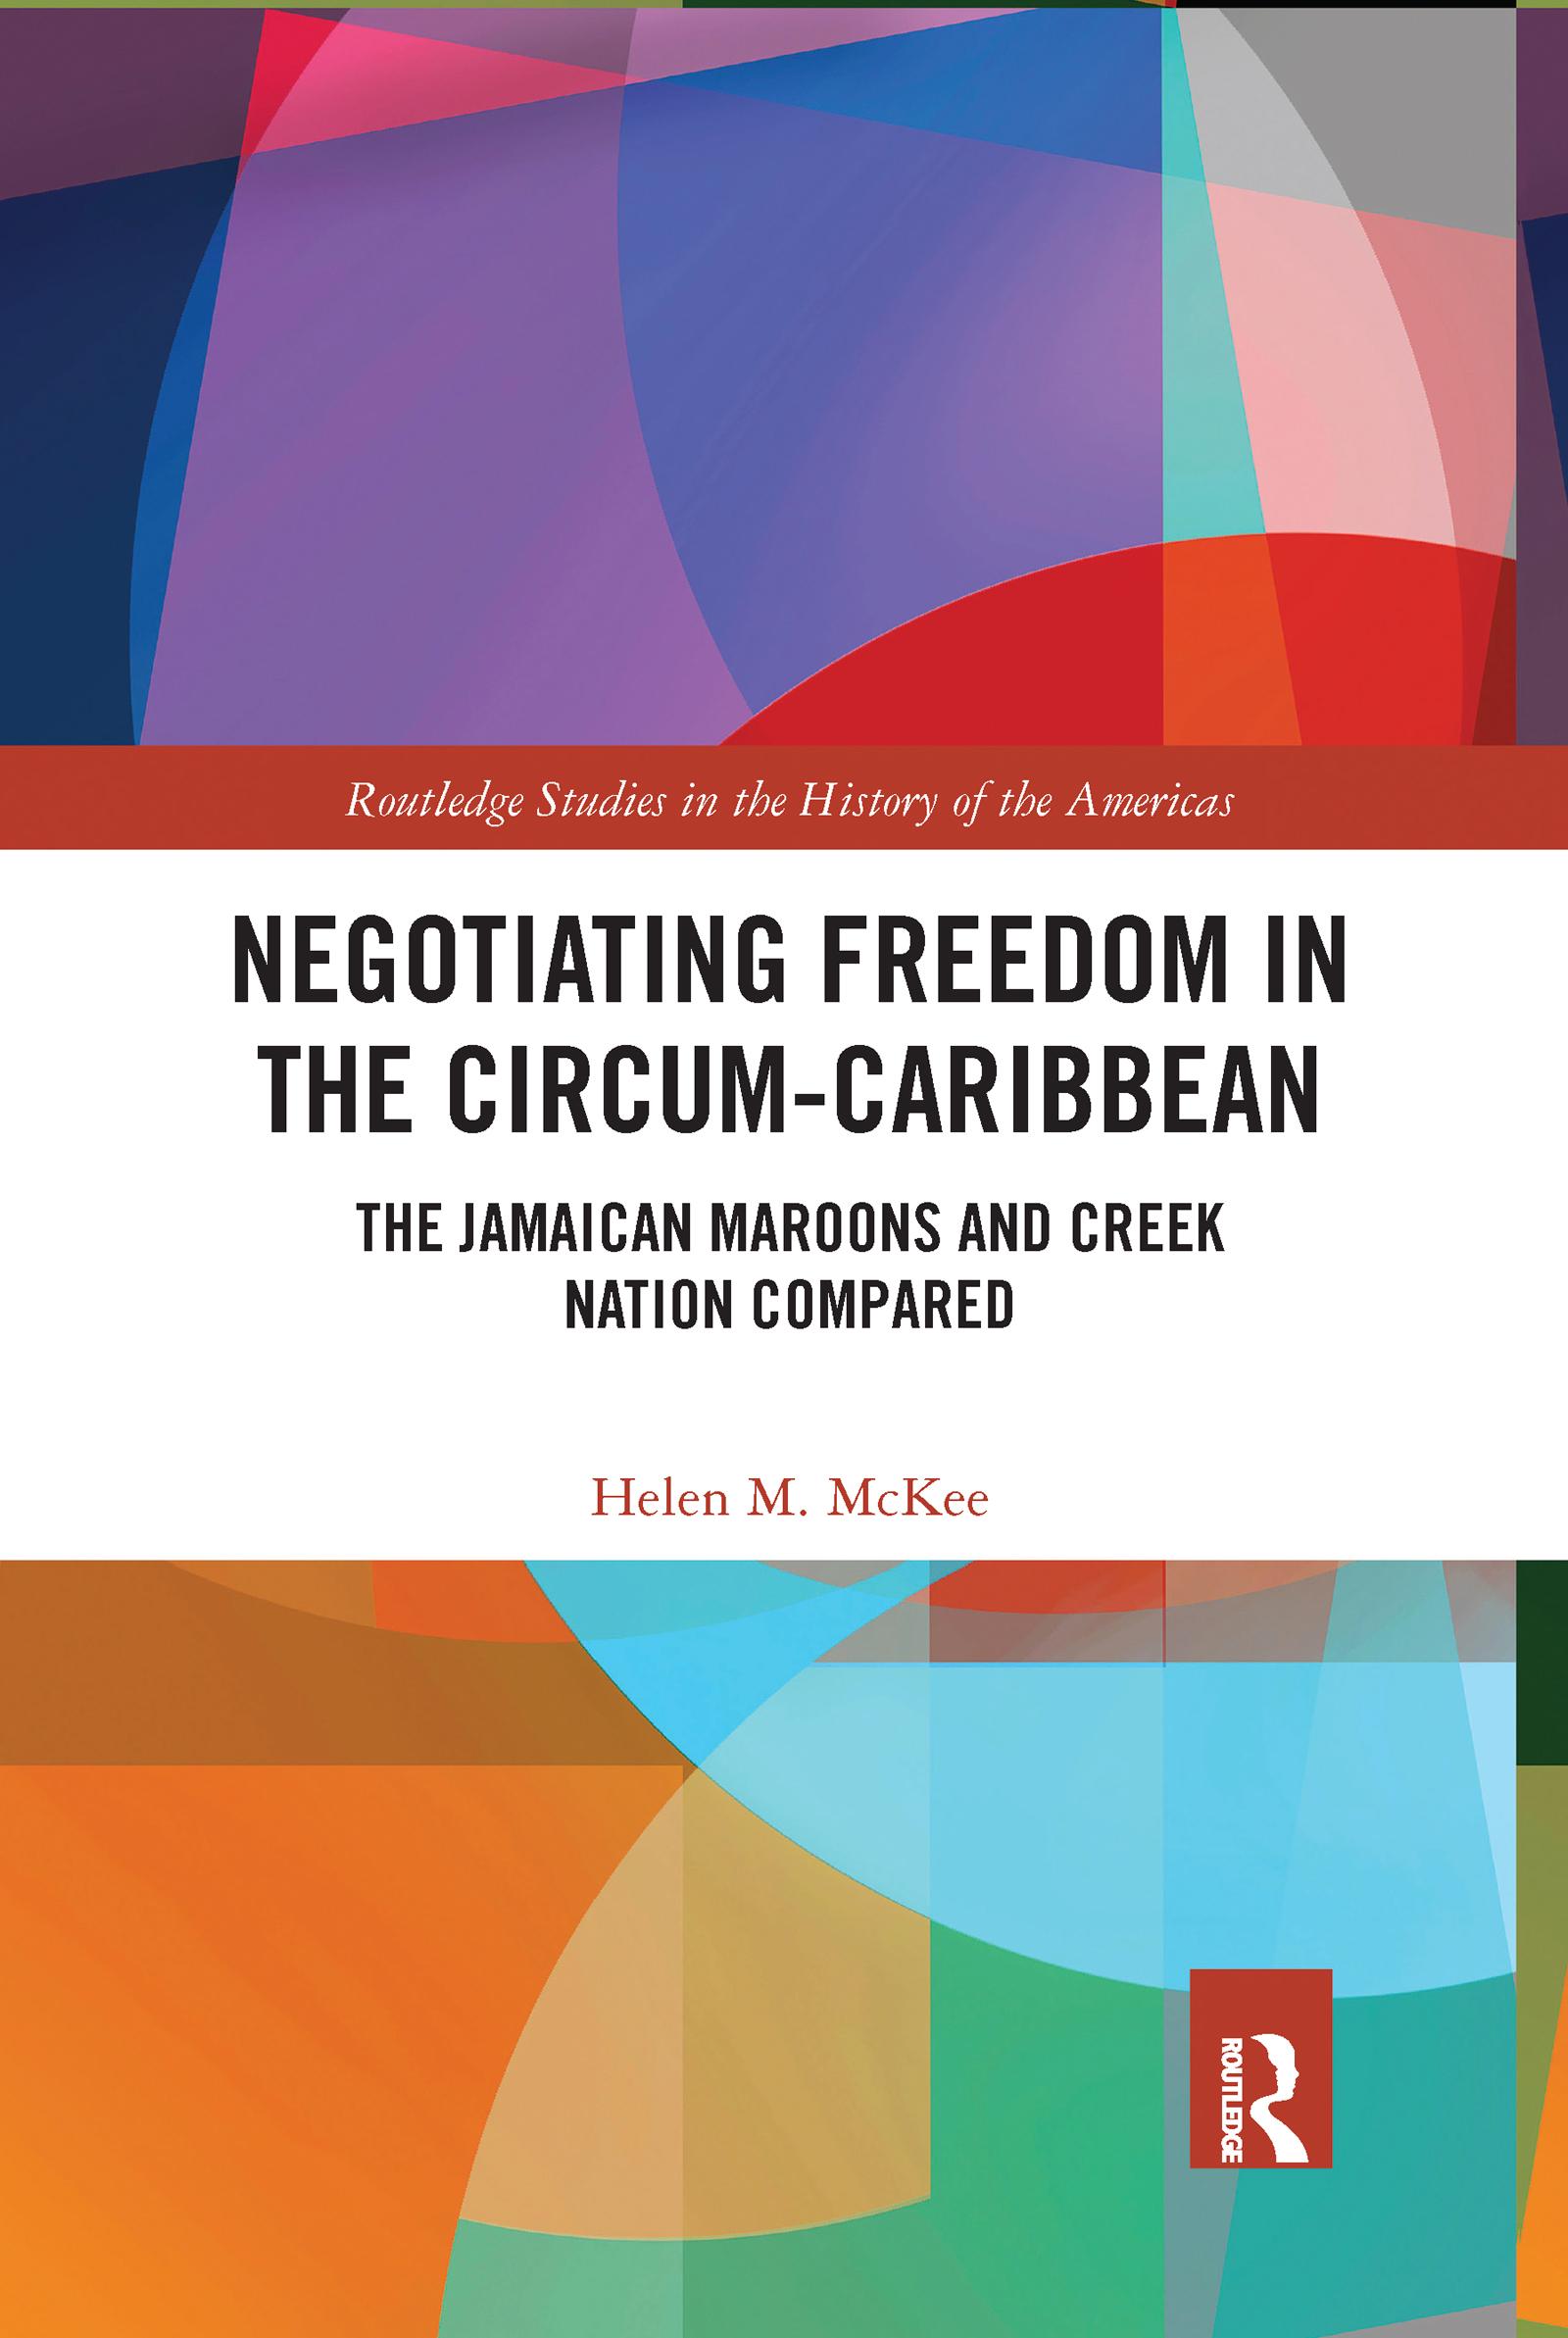 Negotiating Freedom in the Circum-Caribbean